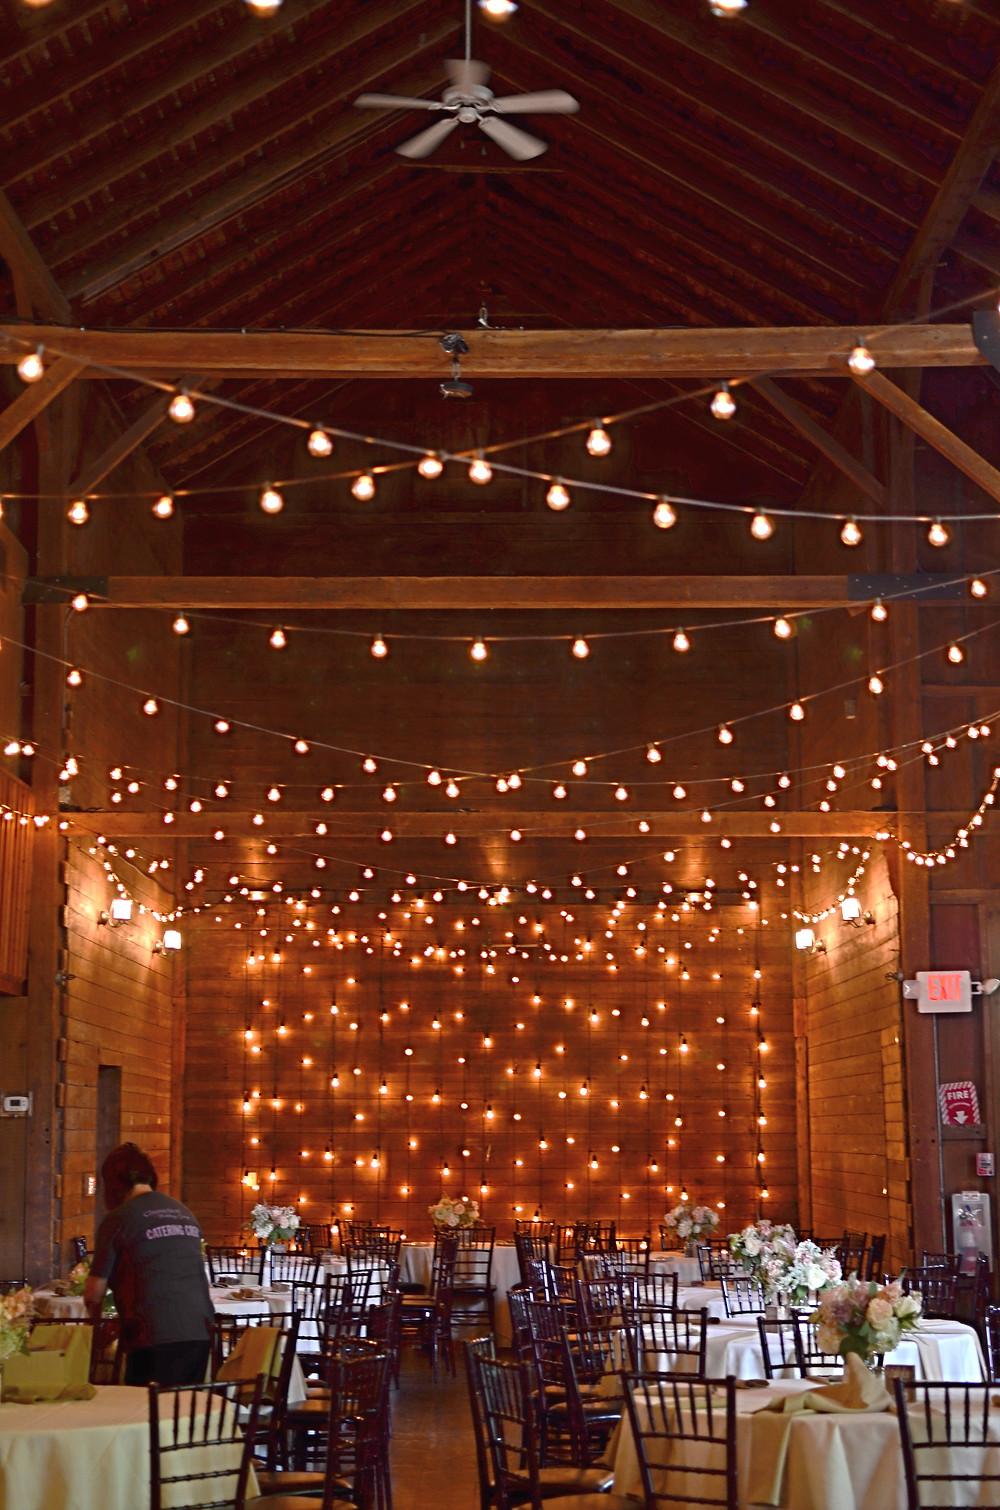 Blush Summer Wedding at The Barns | Reception